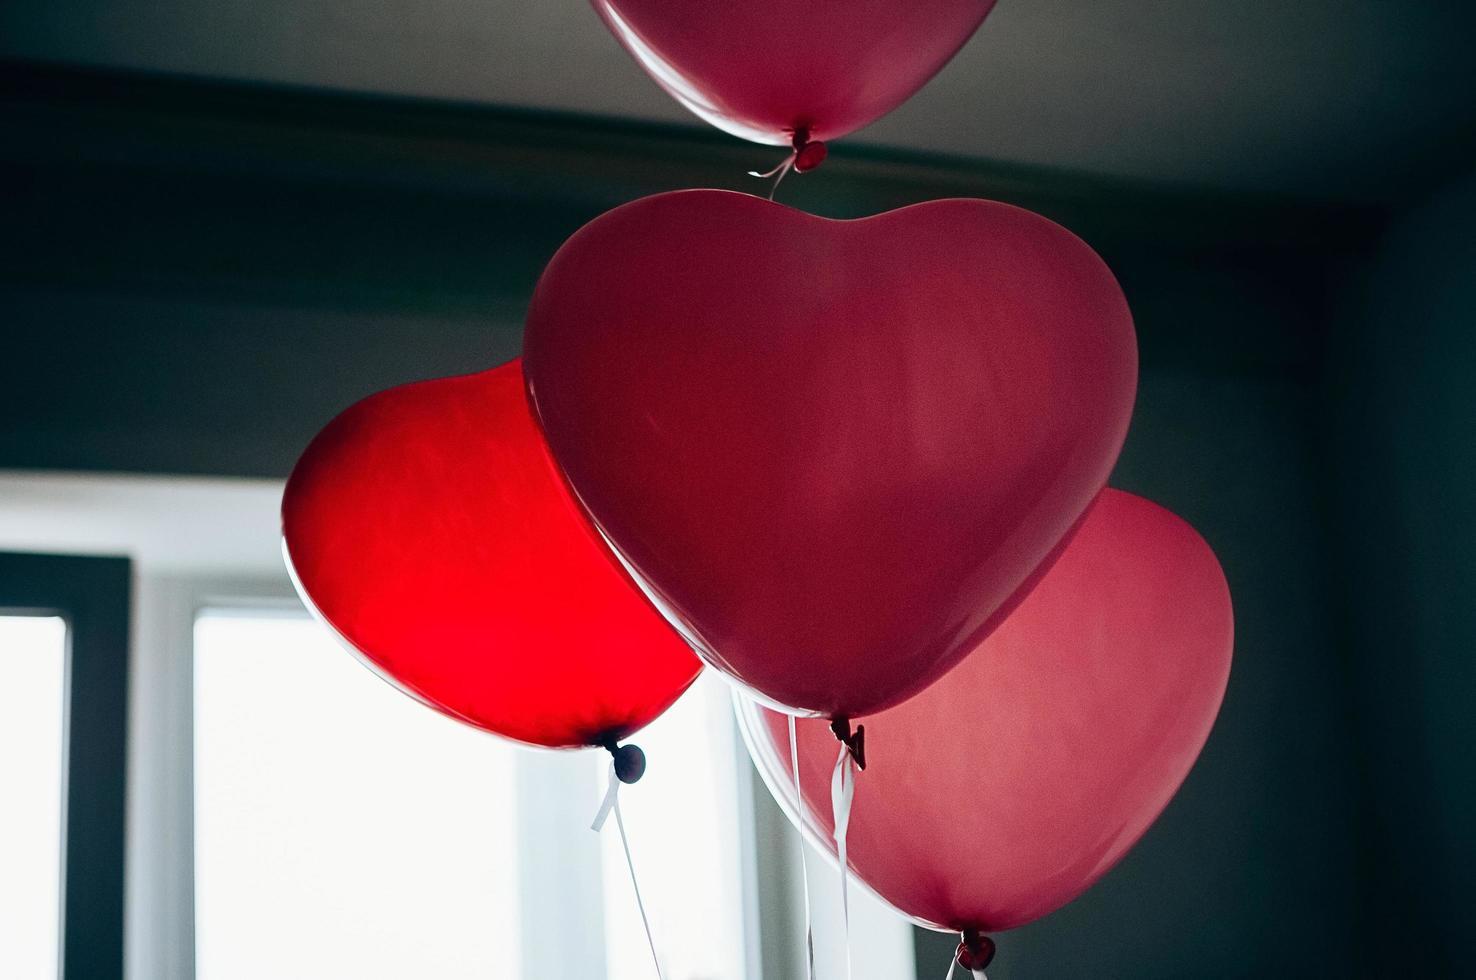 palloncini vintage a forma di cuore rosso contro la finestra foto